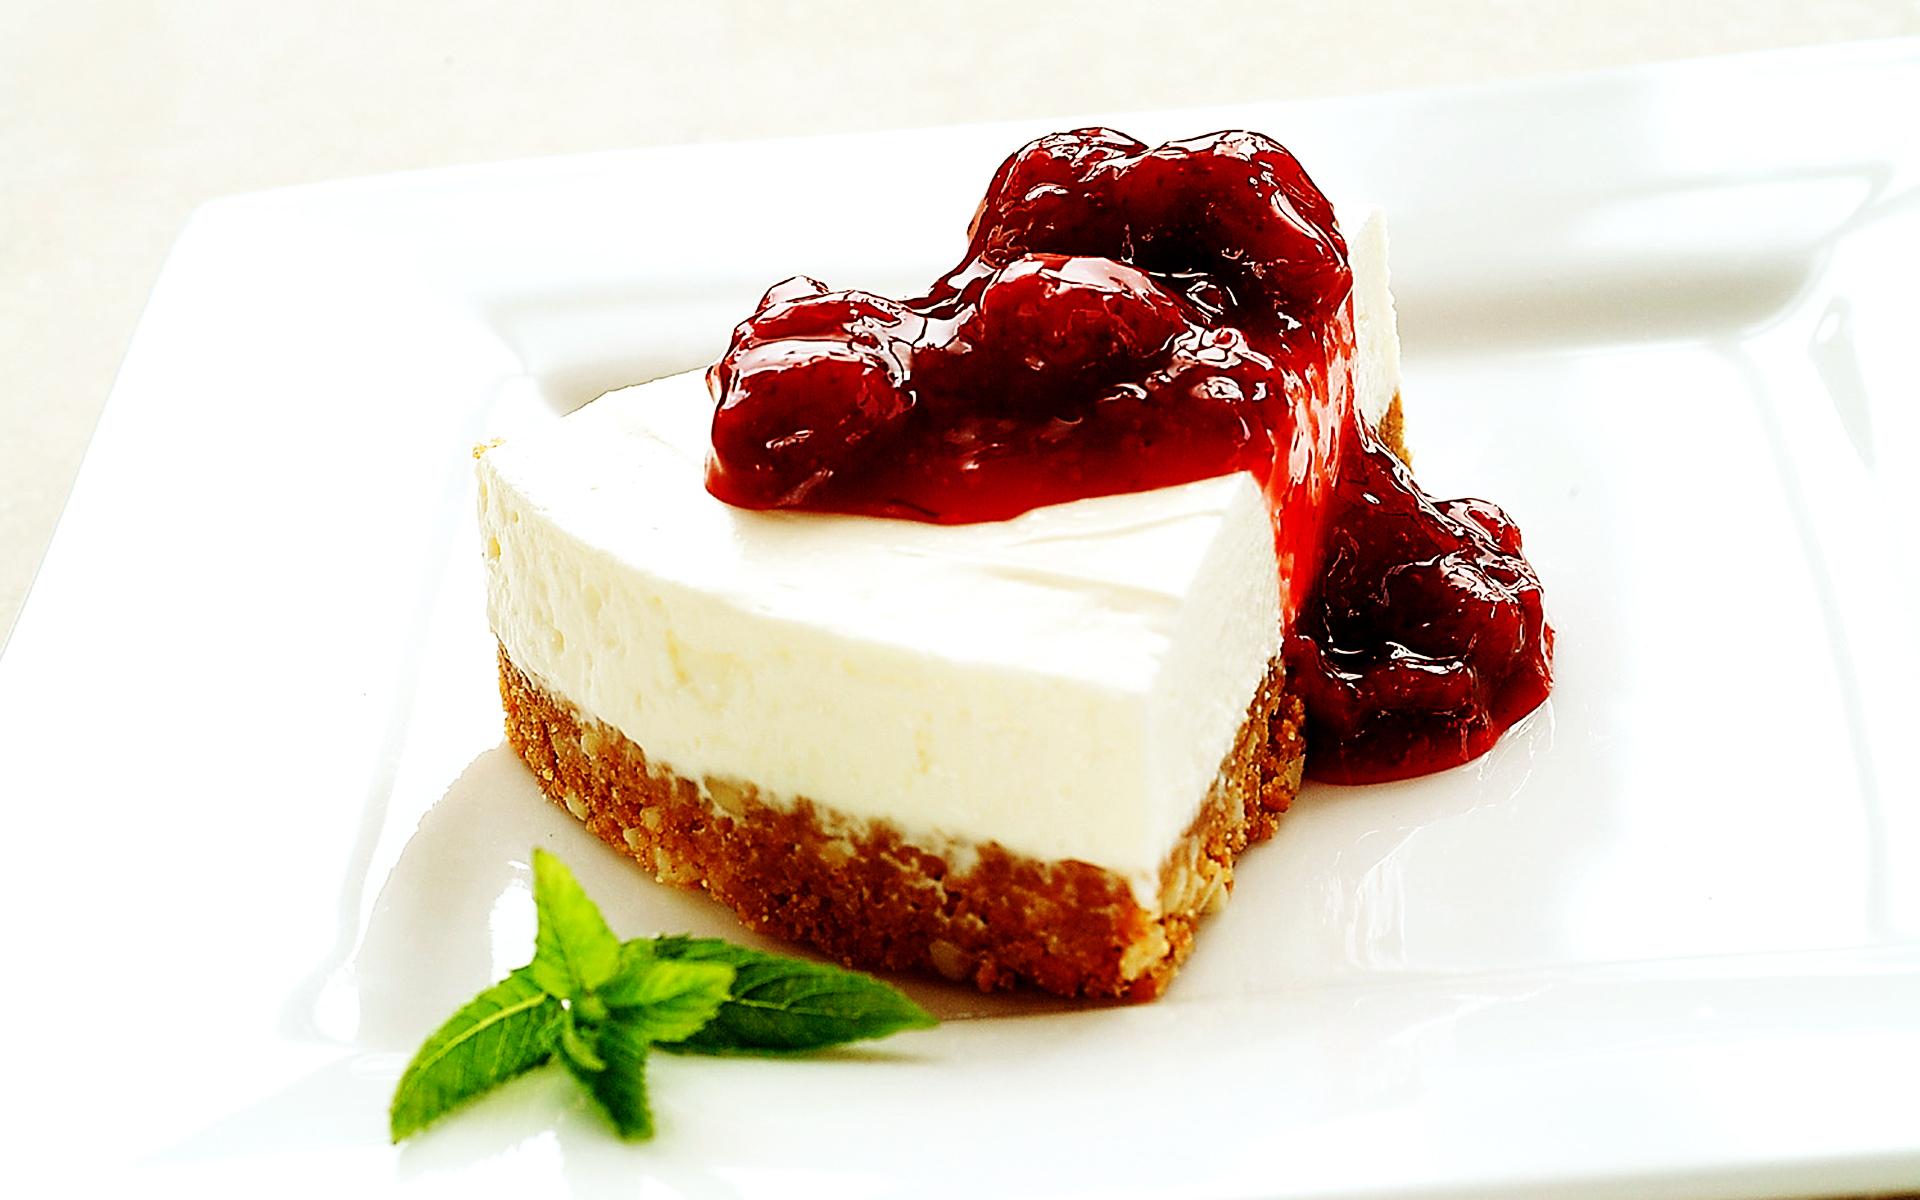 еда торт пирожное food cake скачать